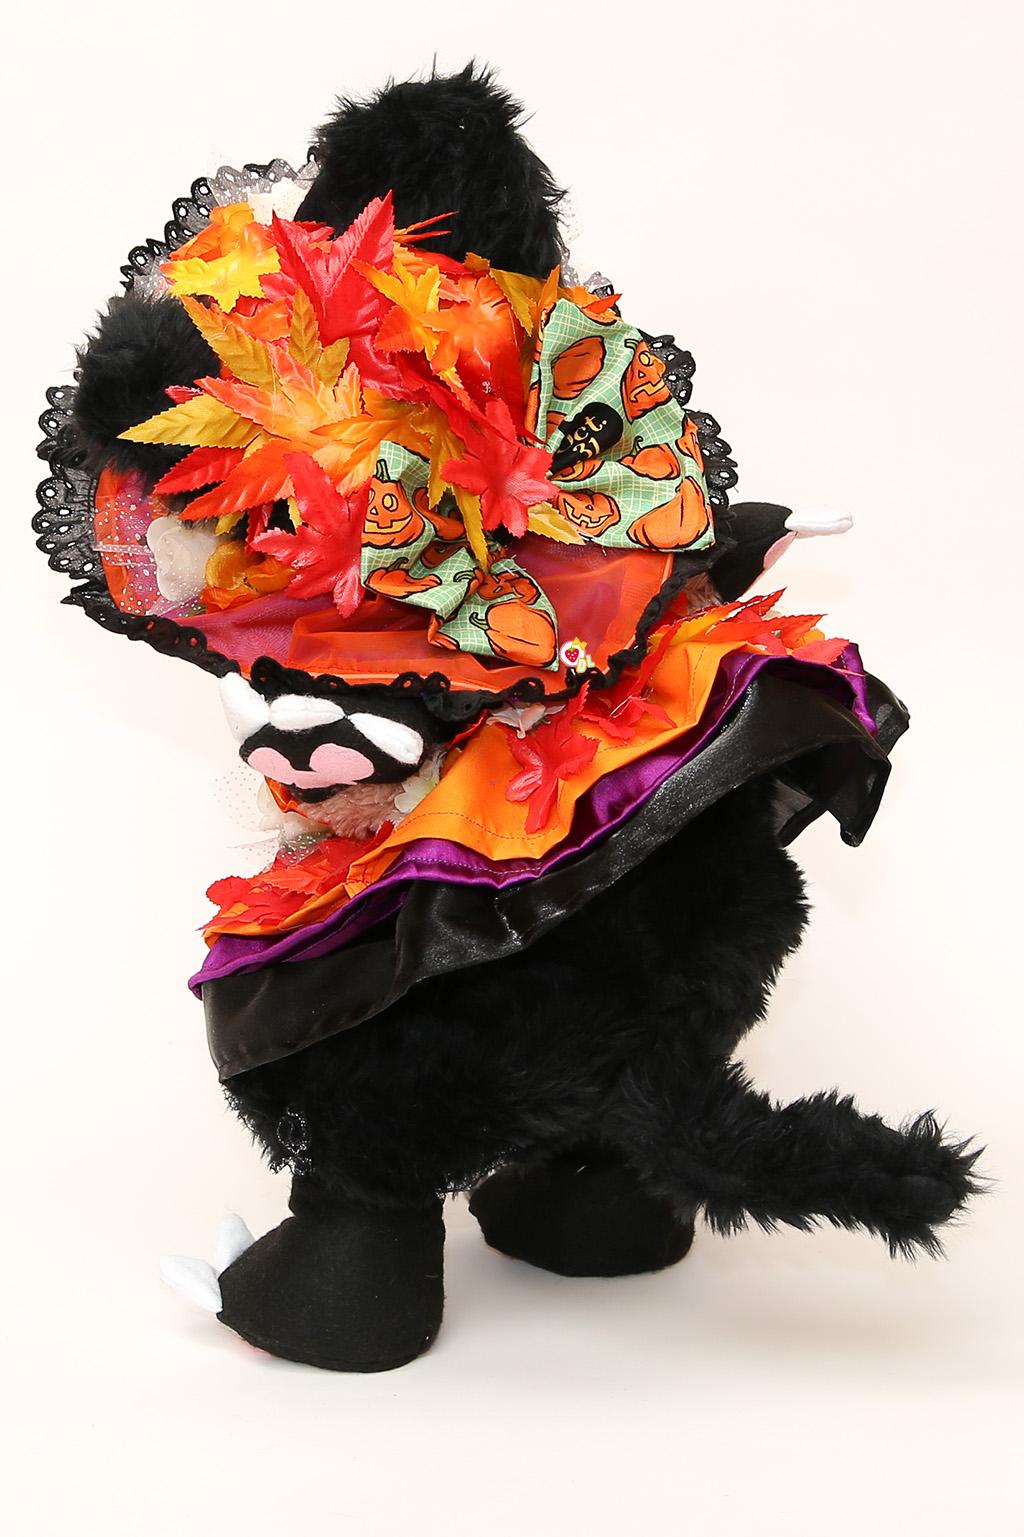 季節先取り?秋の黒猫コス3